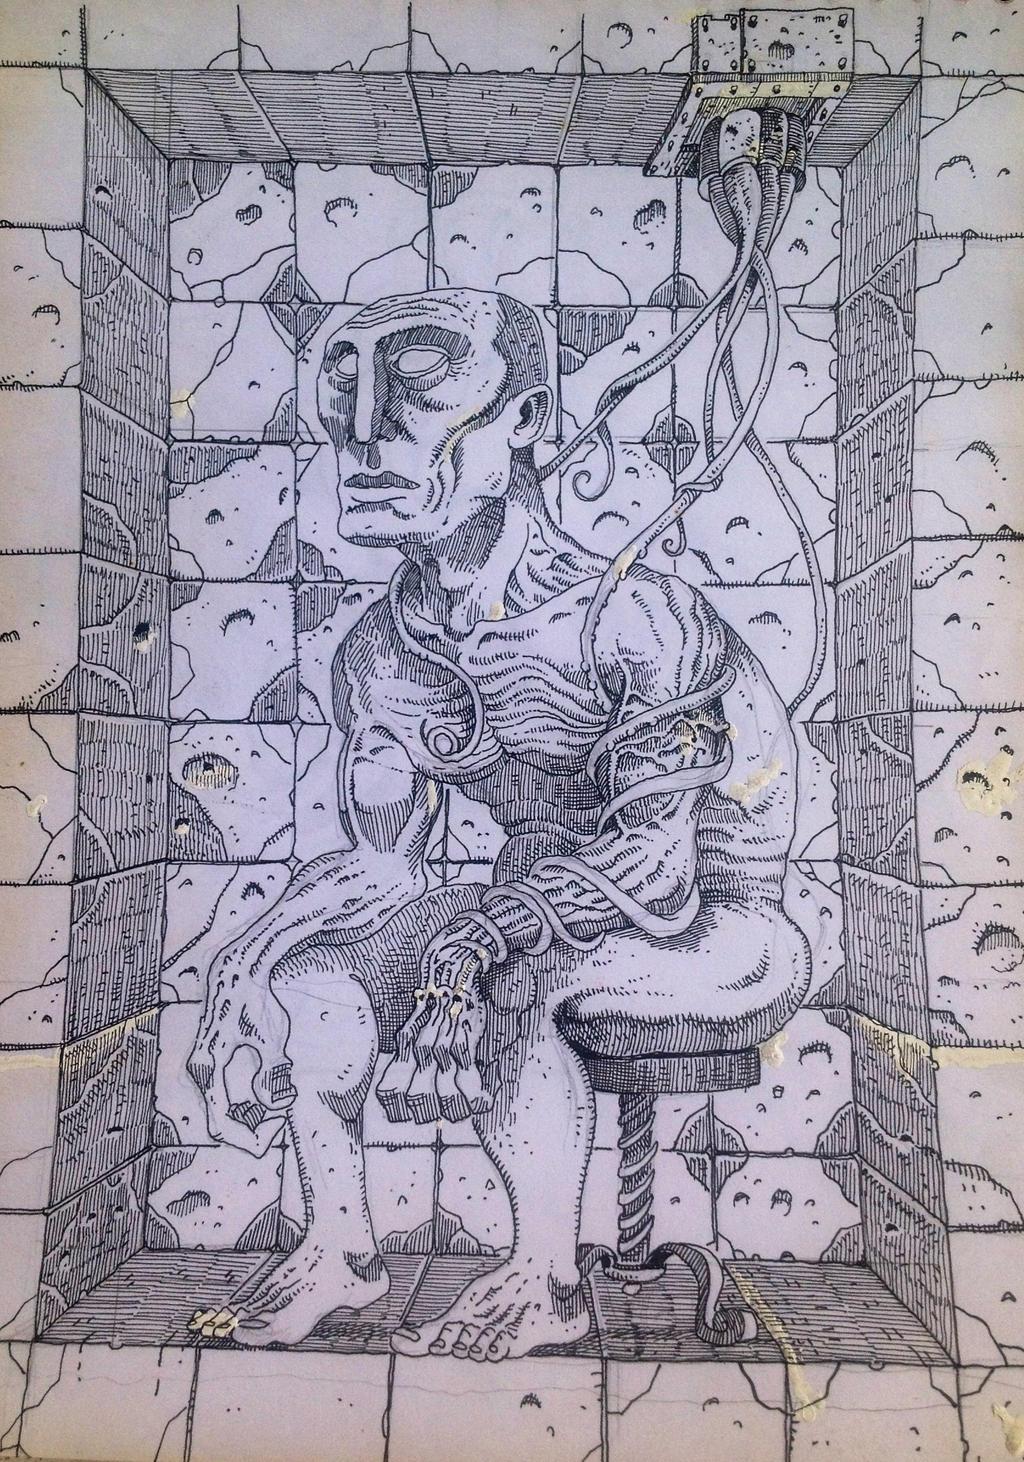 GEHENNA by Christian-Attridge